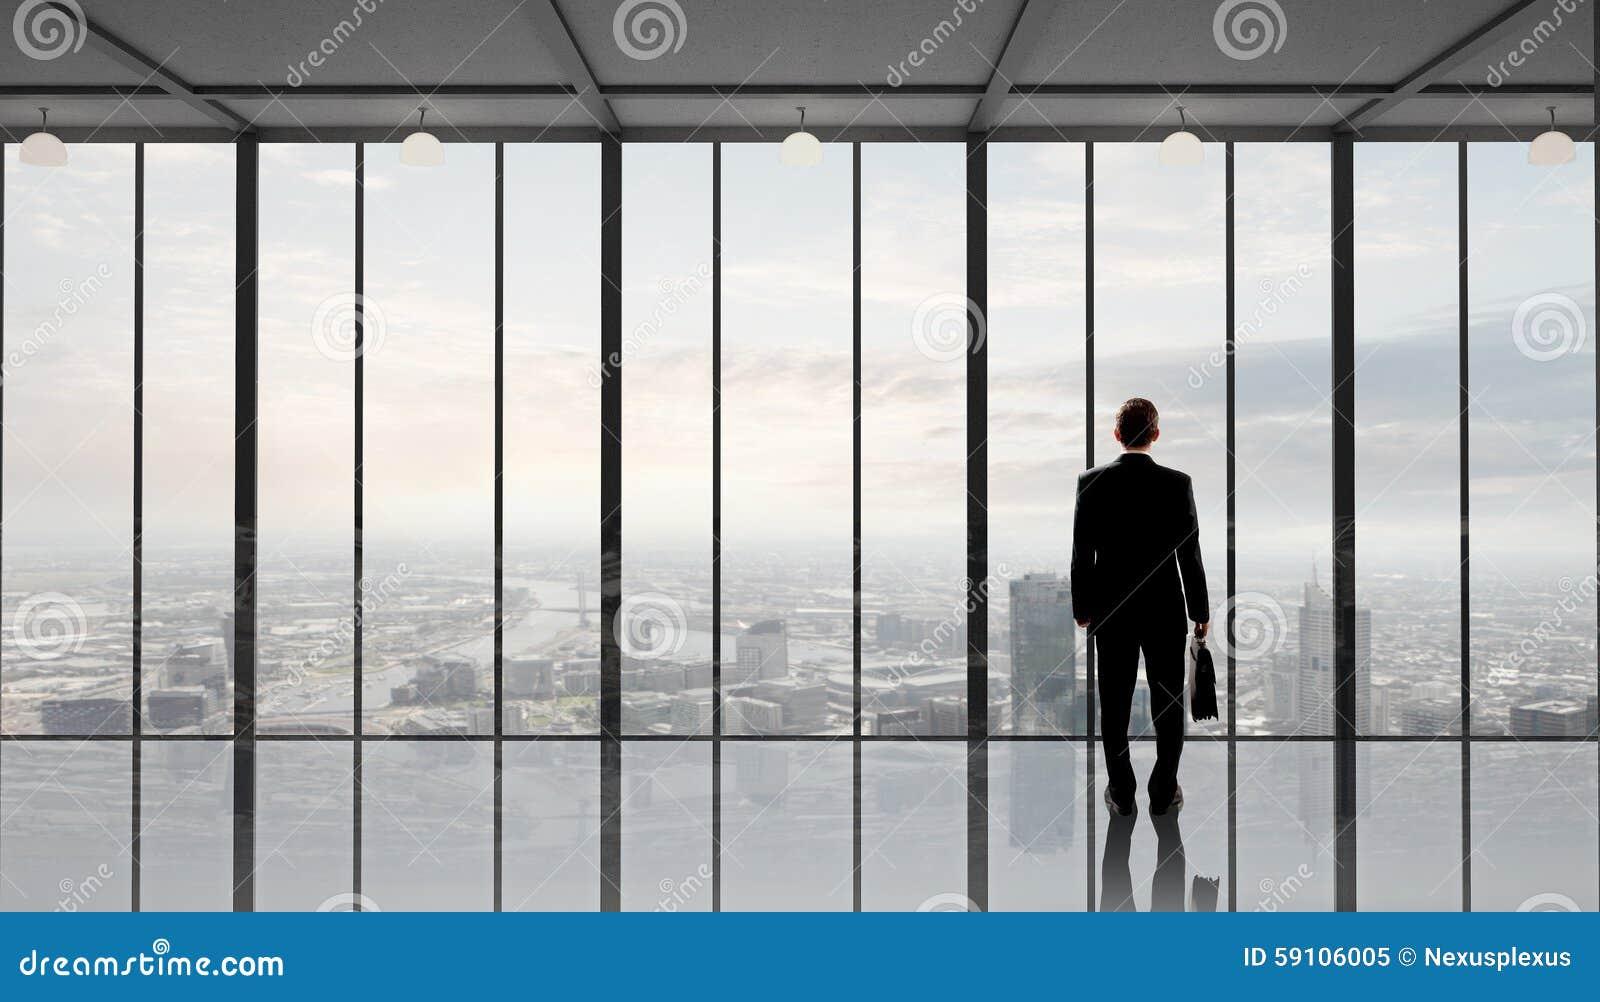 3d背景镜象人寿保险业白色